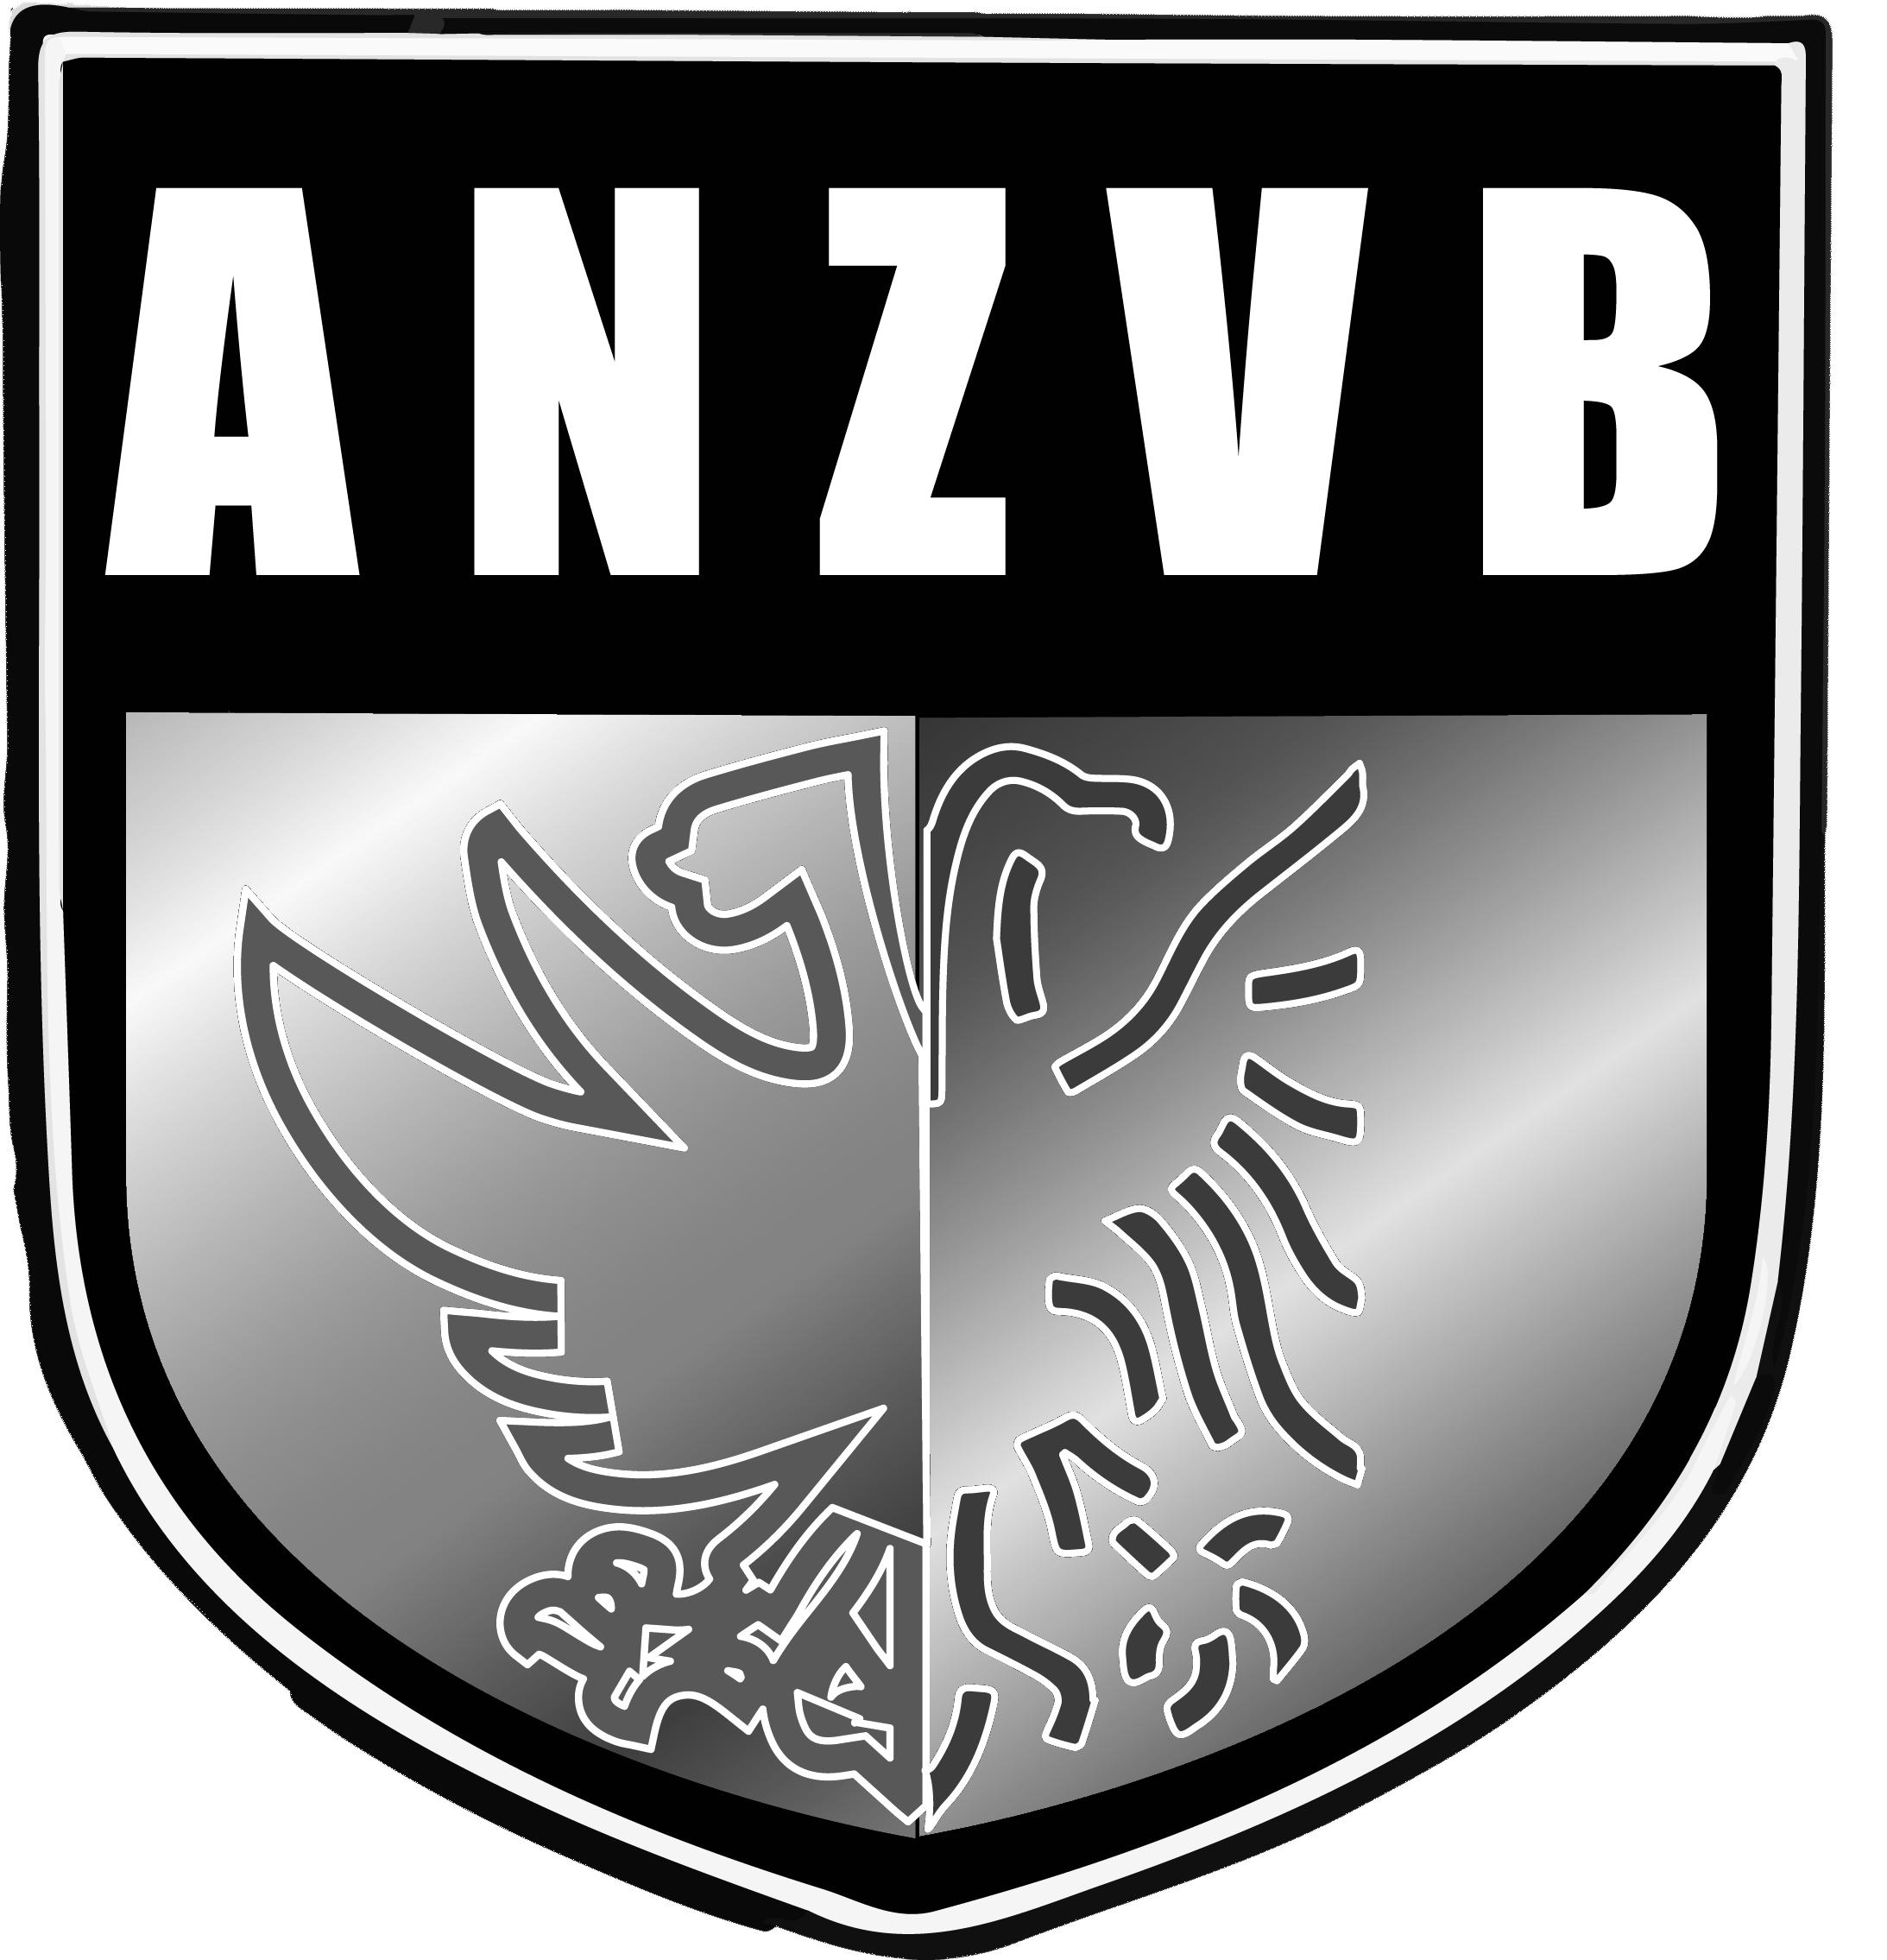 Arnhem-Nijmeegse Zaalvoetbalbond